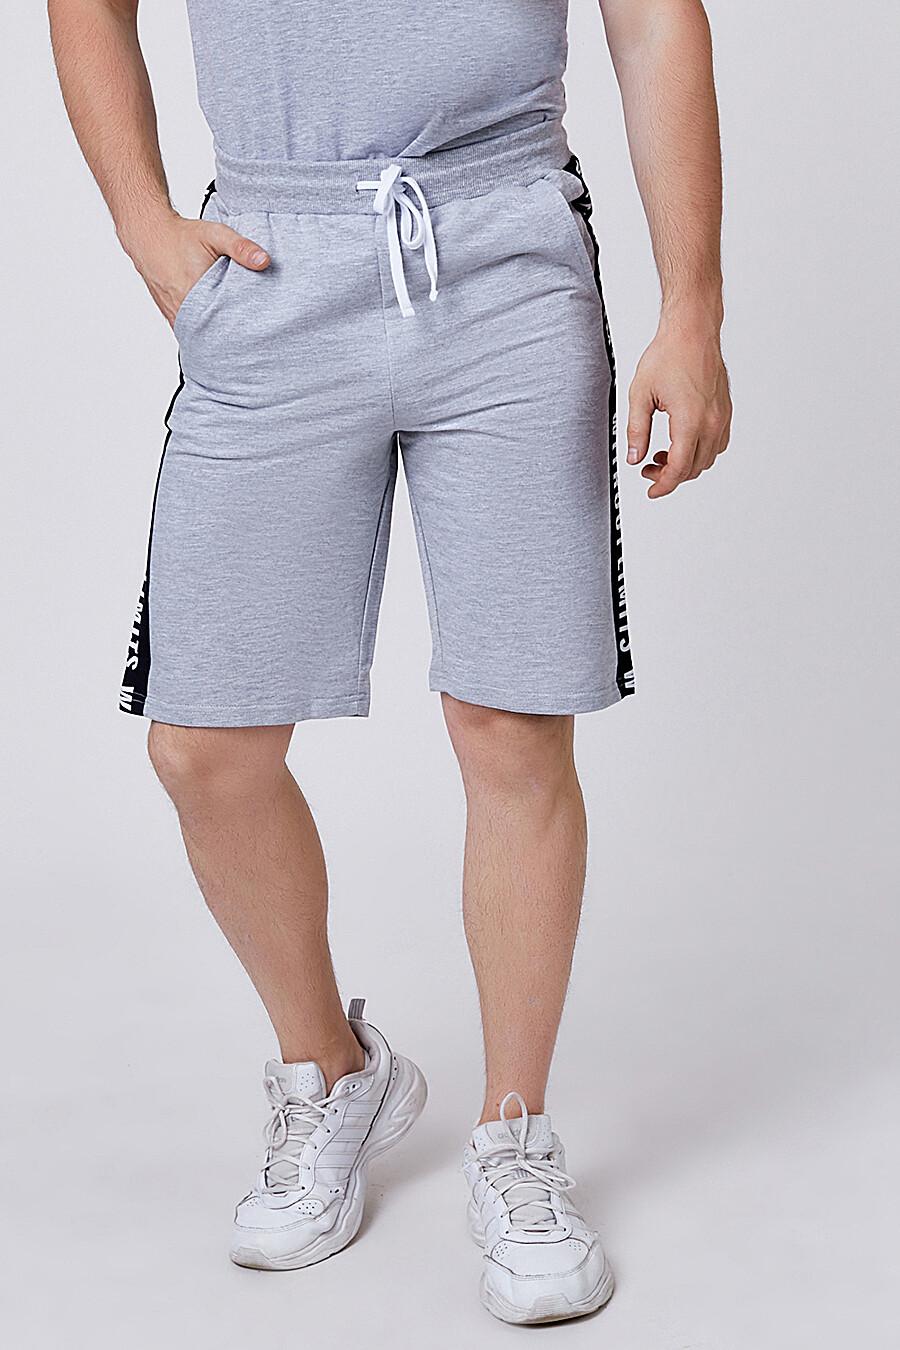 Шорты для мужчин ROXY FOXY 668026 купить оптом от производителя. Совместная покупка мужской одежды в OptMoyo